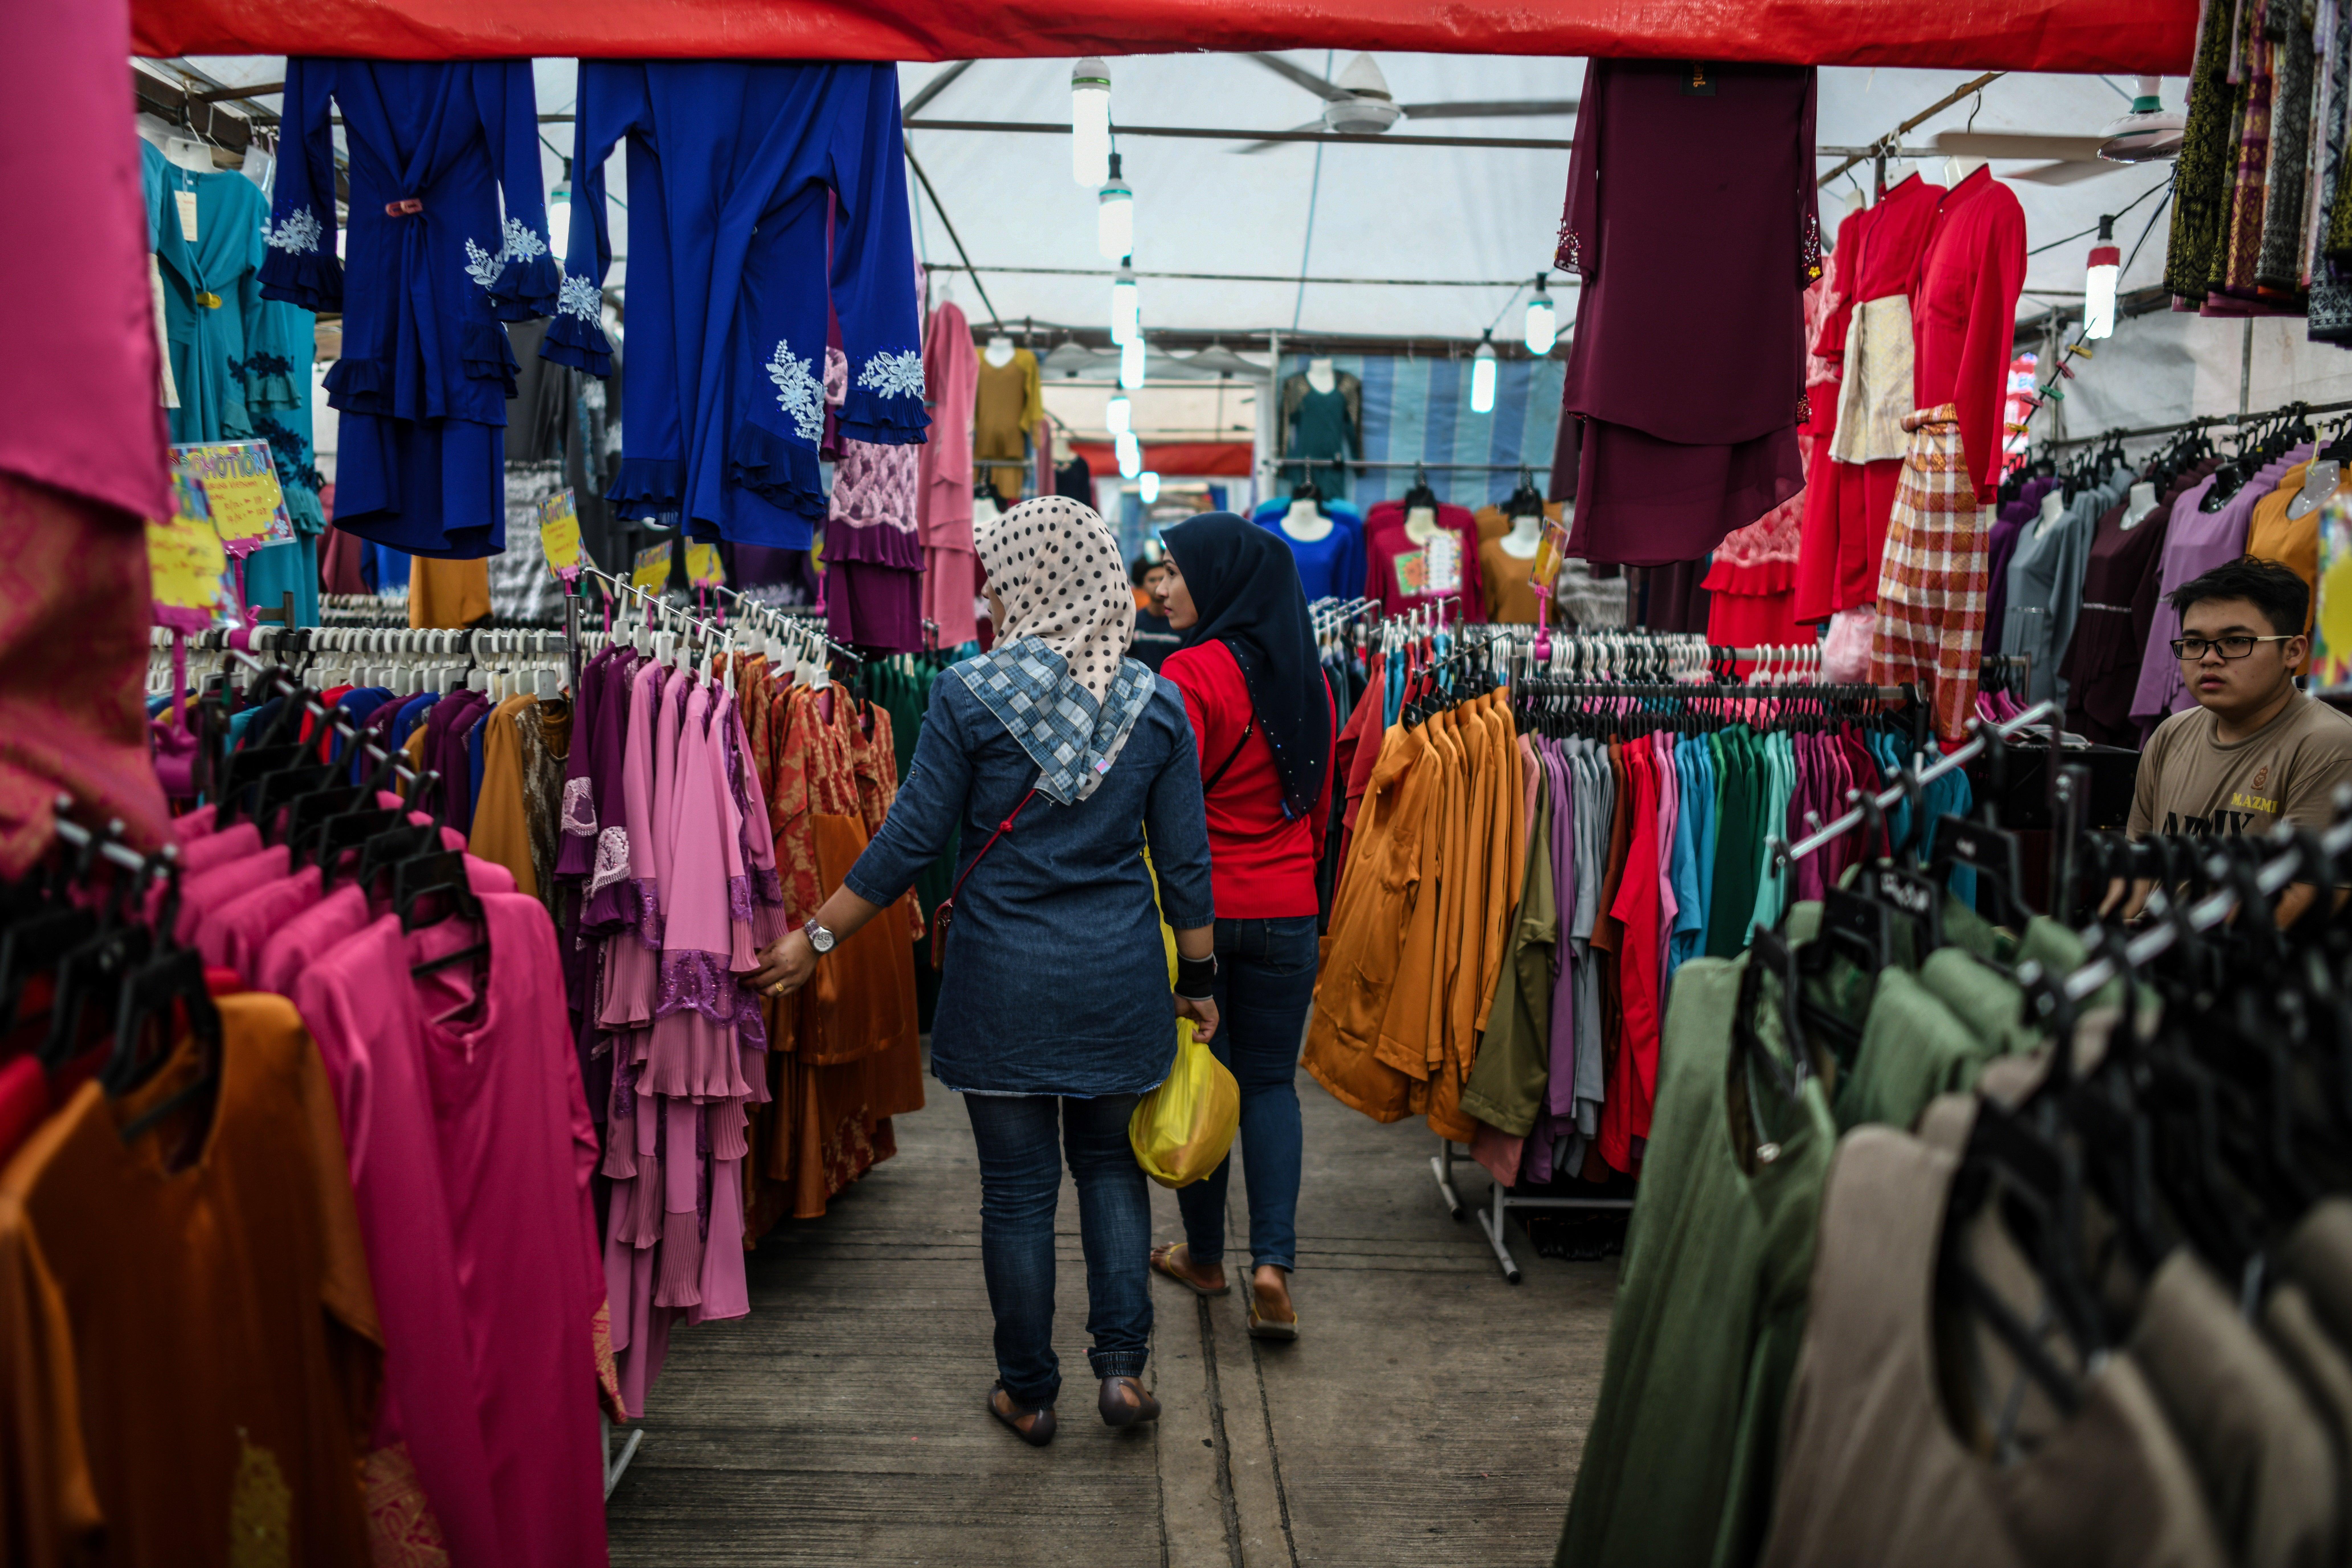 التسوق في محل تجاري بكوالا لامبور